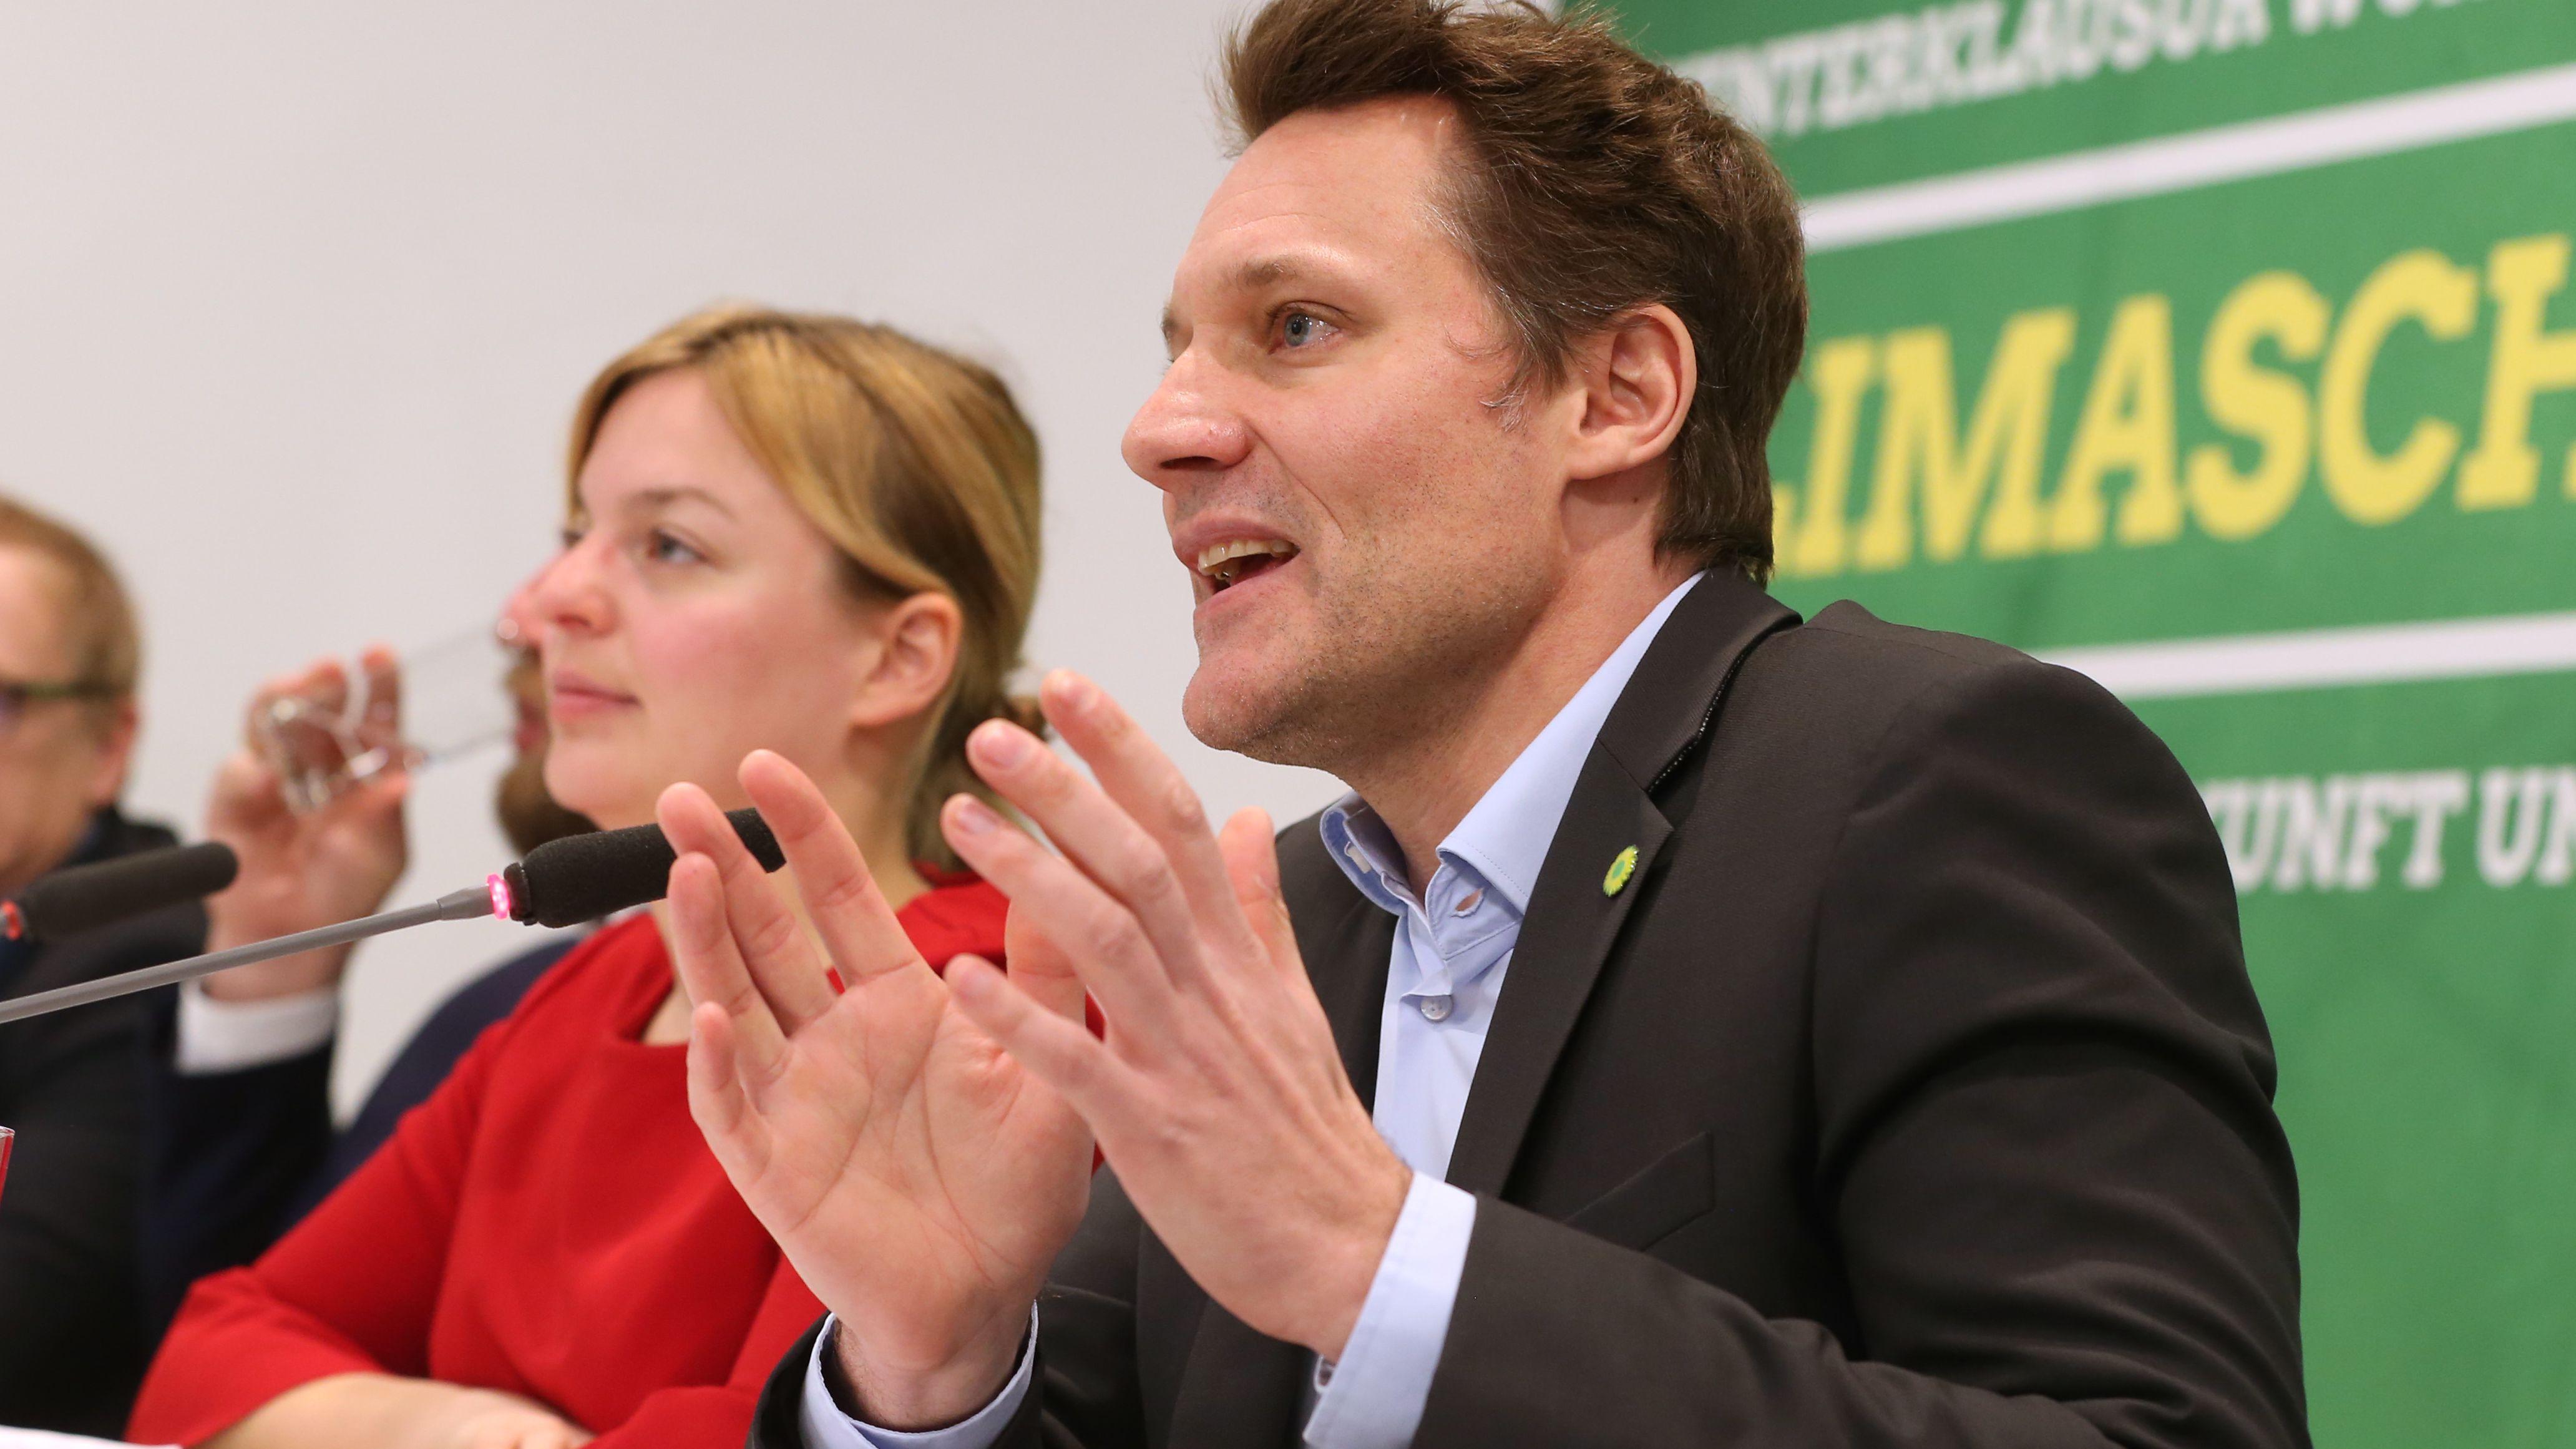 Würzburg: Katharina Schulze und Ludwig Hartmann, die beiden Fraktionsvorsitzenden der Grünen im bayerischen Landtag, bei einer Pressekonferenz